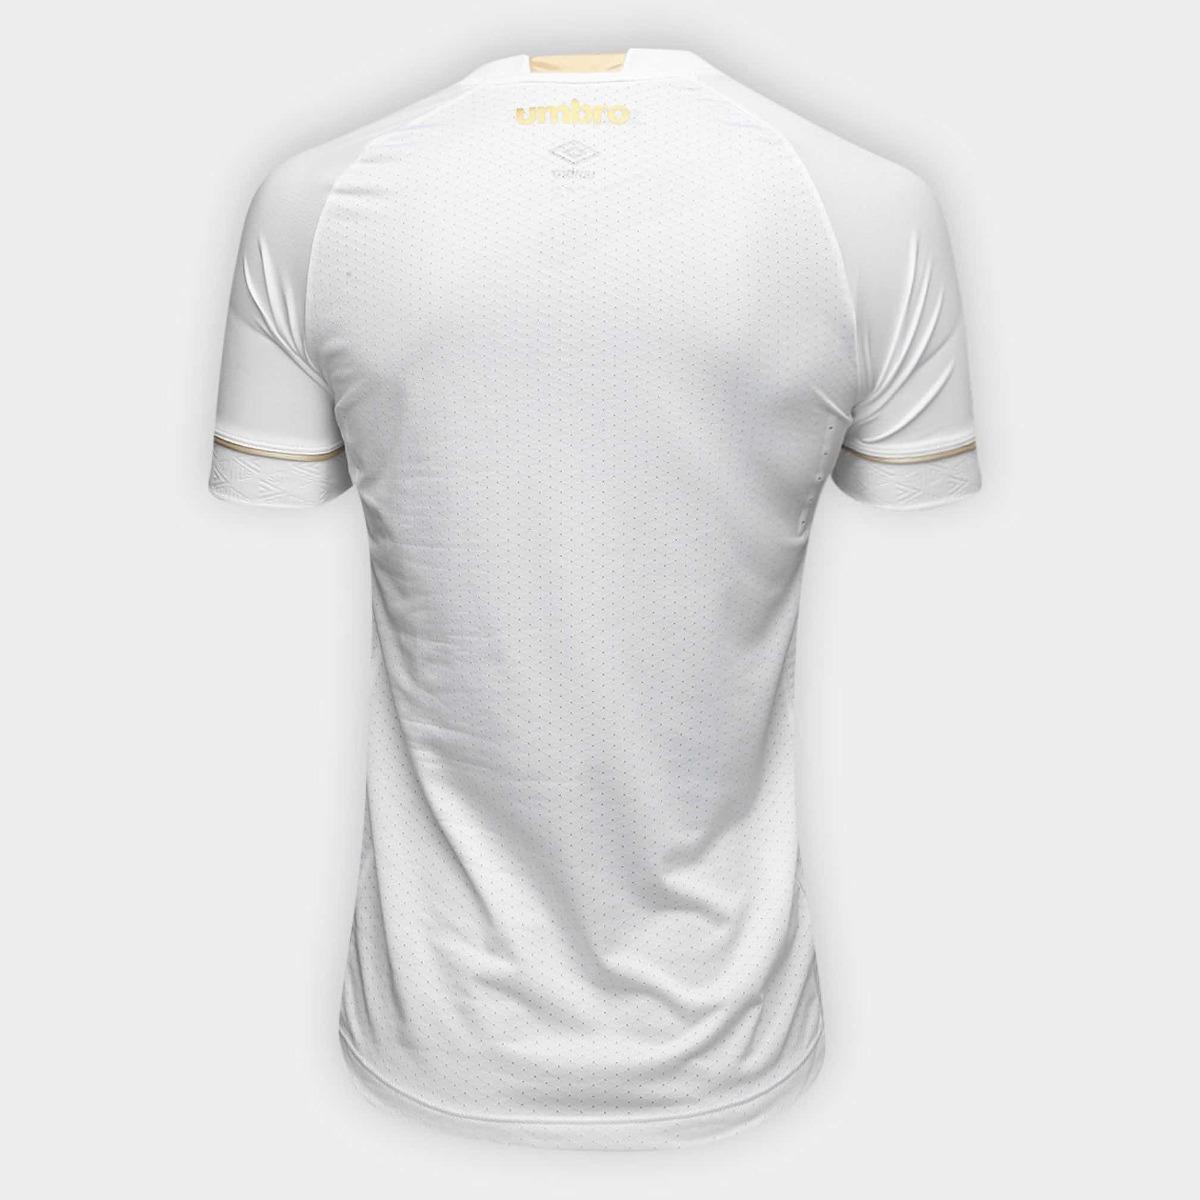 02e25130df8 camisa santos umbro oficial 2018 frete gratis. Carregando zoom.